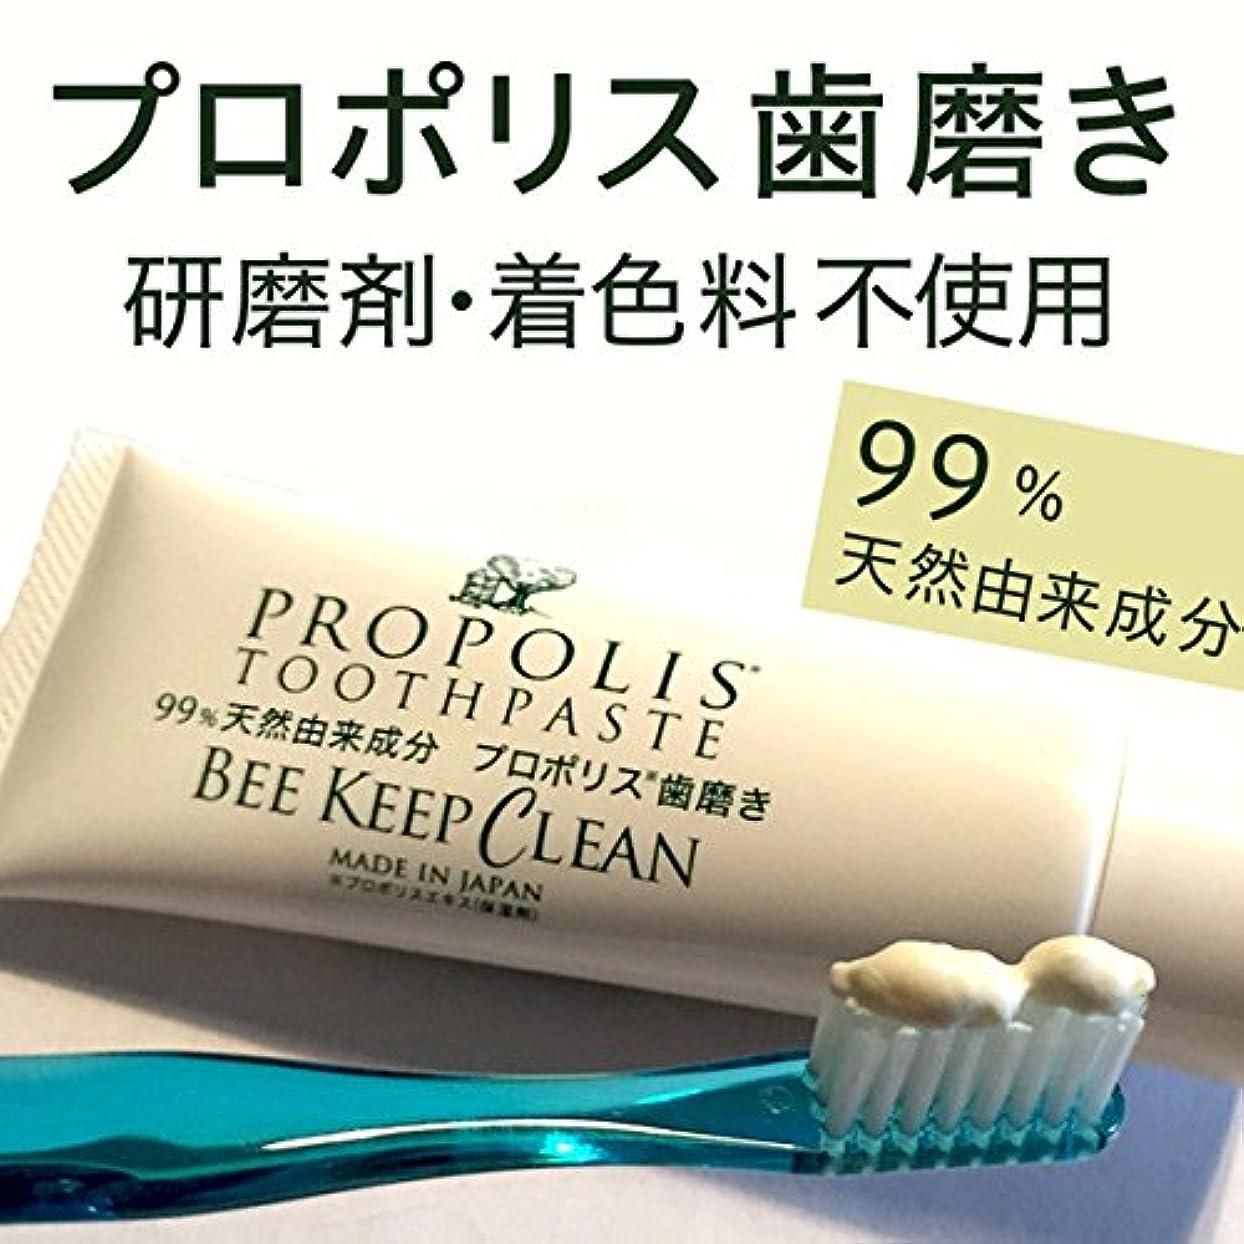 検出する主張地区プロポリス歯磨きビーキープクリーン100g